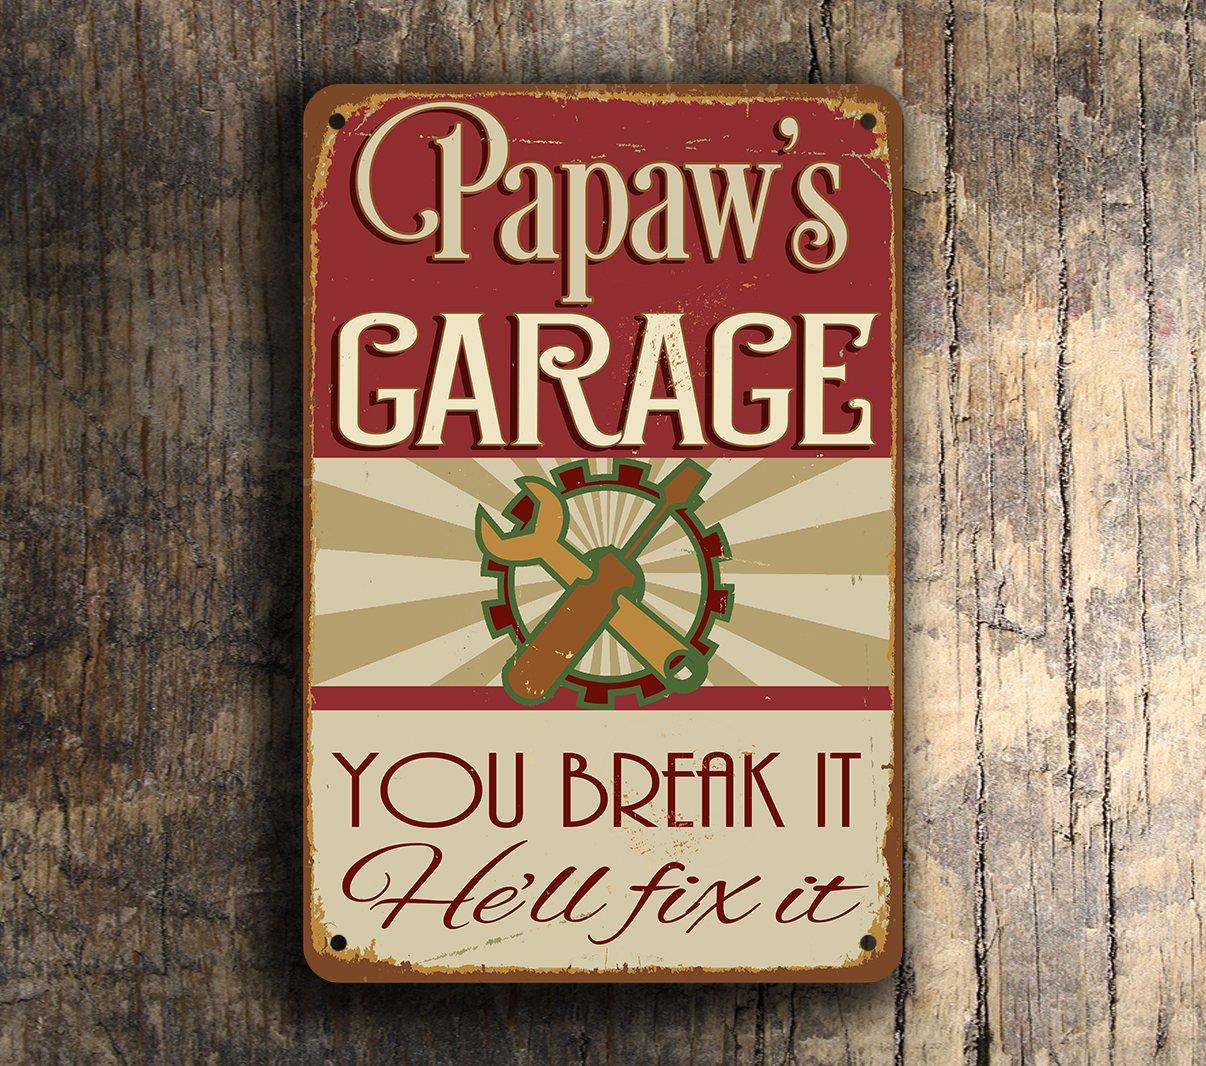 Papaws-Garage-Sign-3